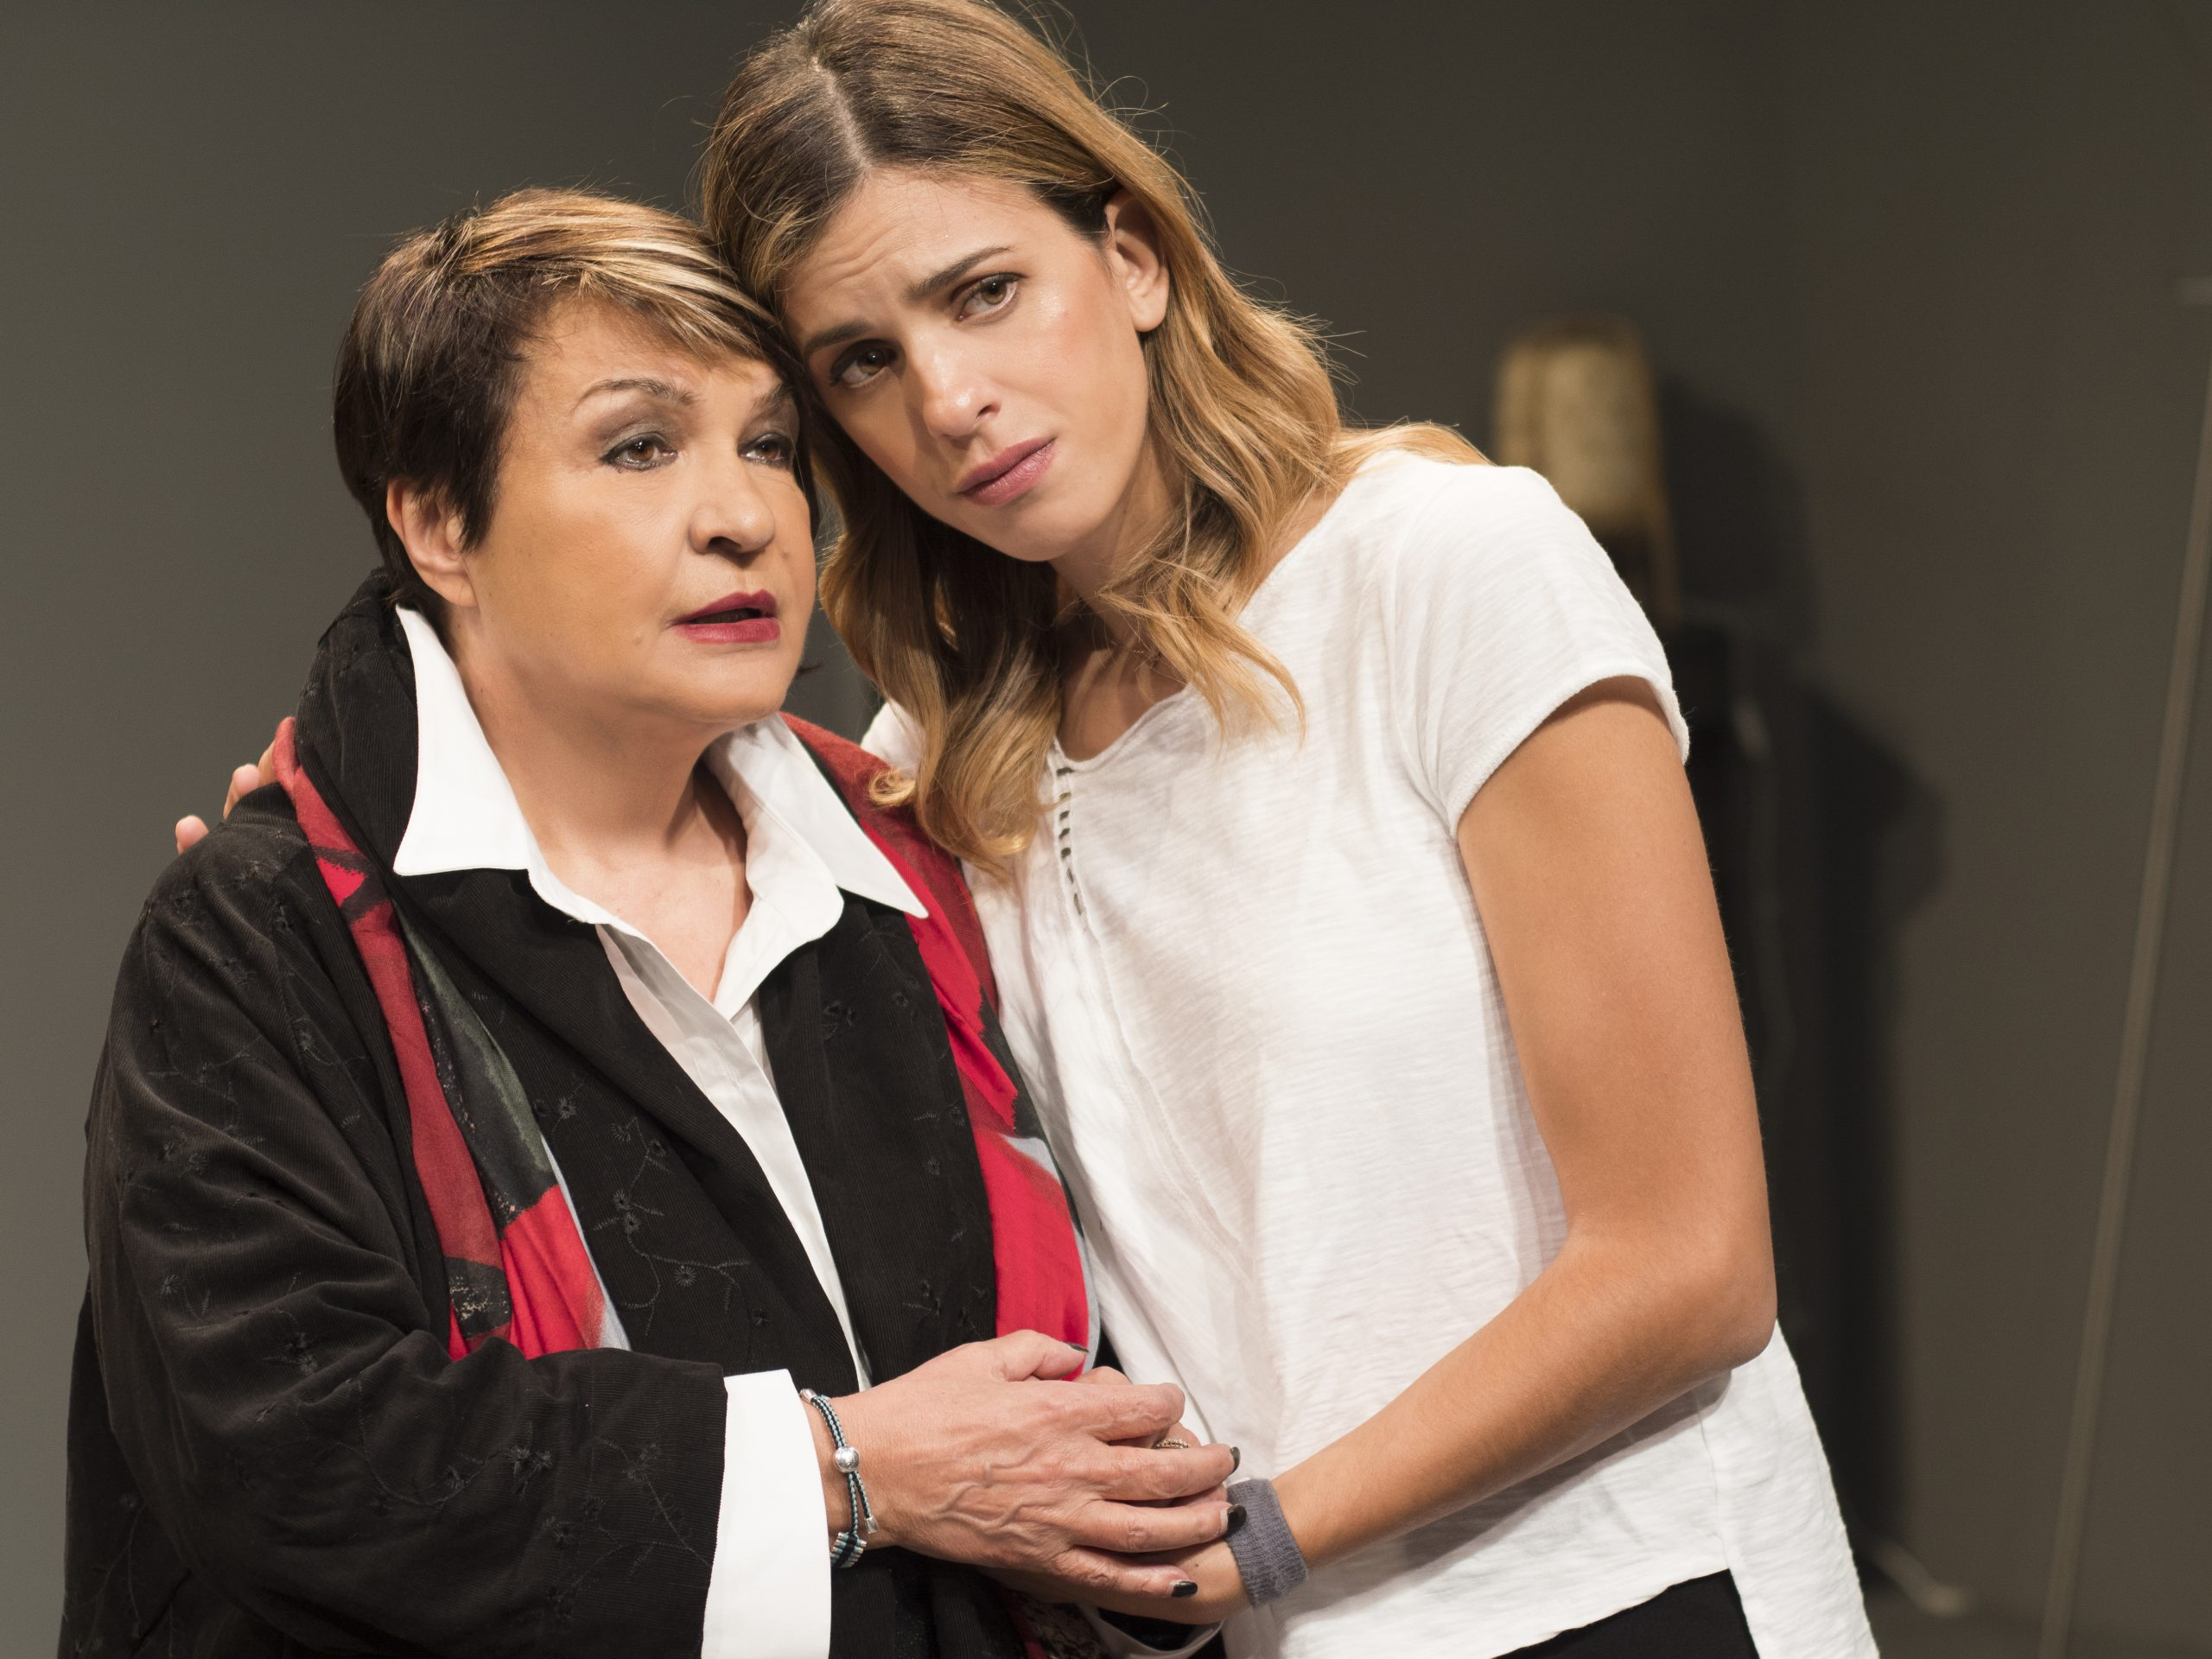 Ο Καπουτζίδης στο θέατρο ΗΒΗ με την παράσταση